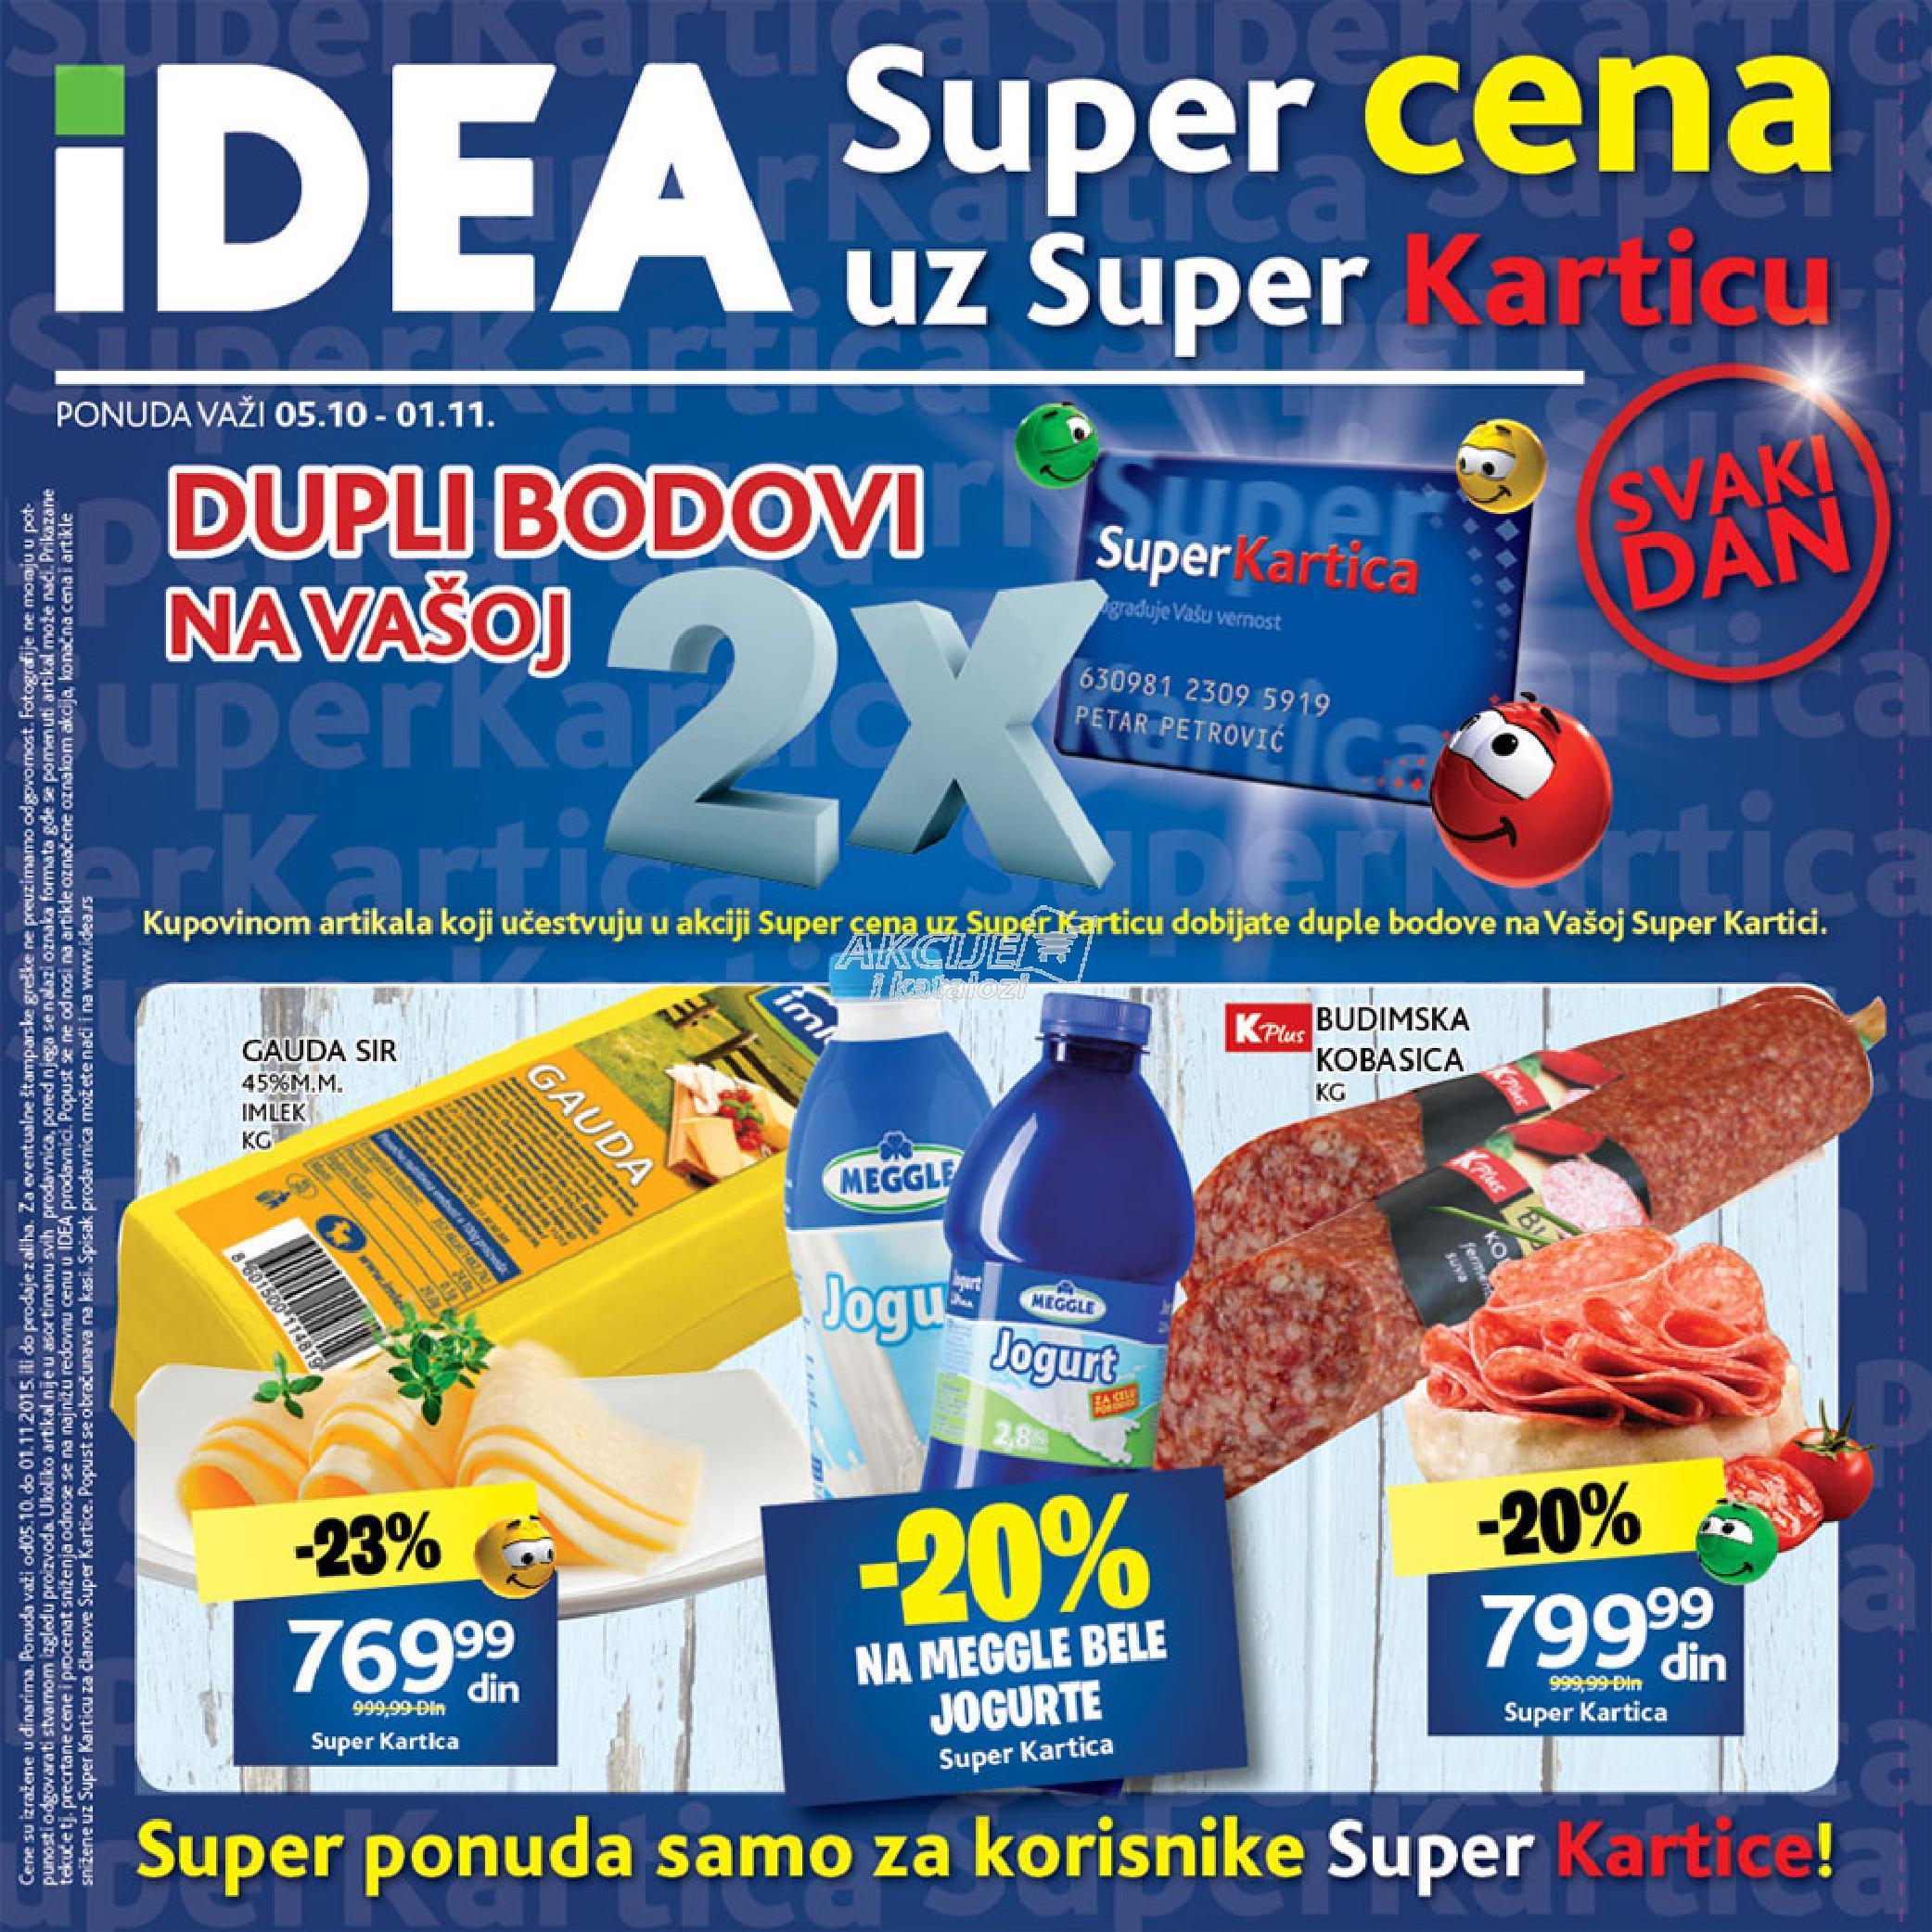 Idea - Redovna akcija super cene uz super karticu